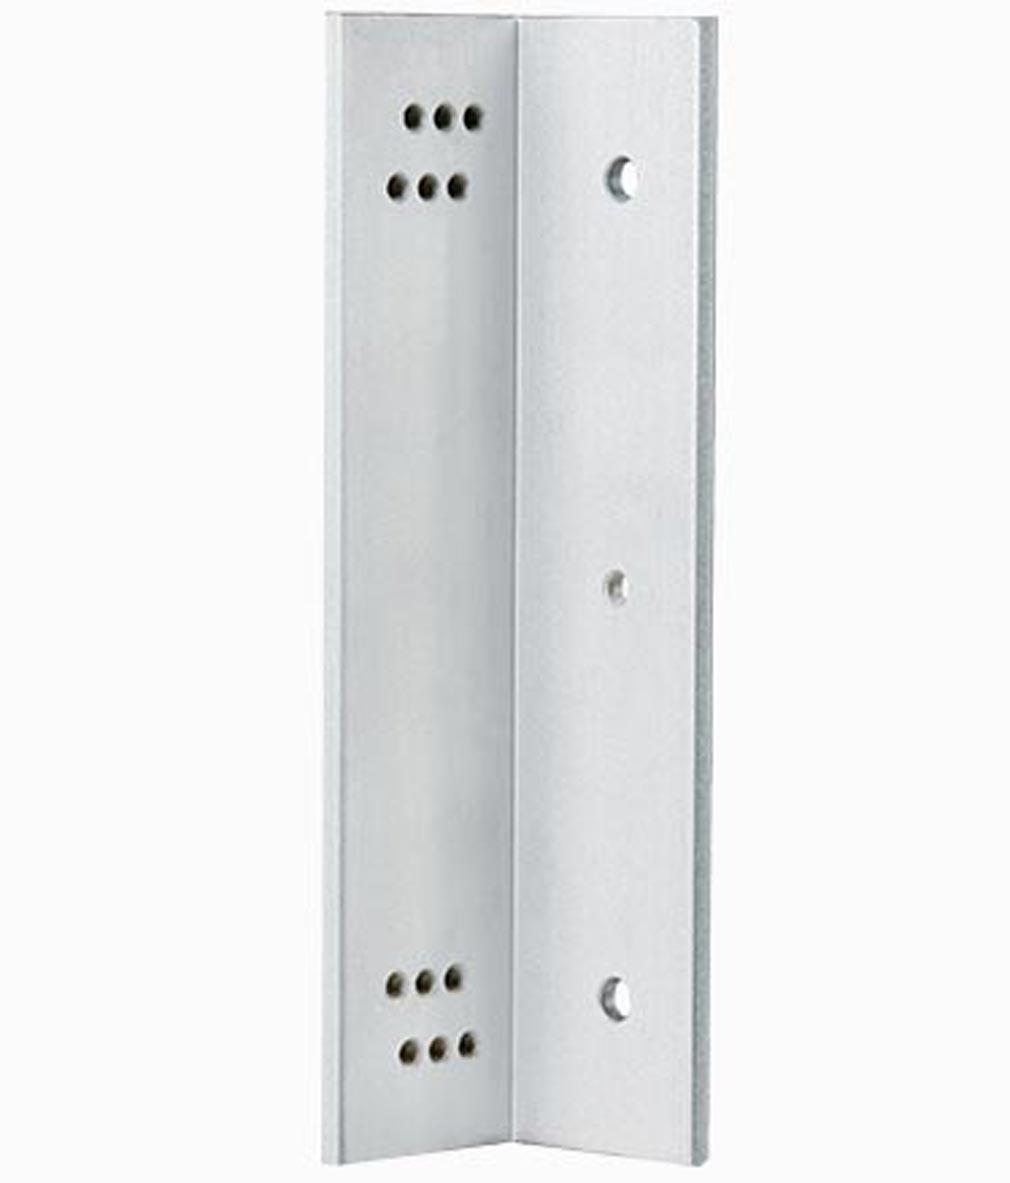 Cdvi - CDAF0516000001 - LZ180 - ENSEMBLE DE FIXATION POUR VENTOUSE 180 KG EQUERRES L + Z